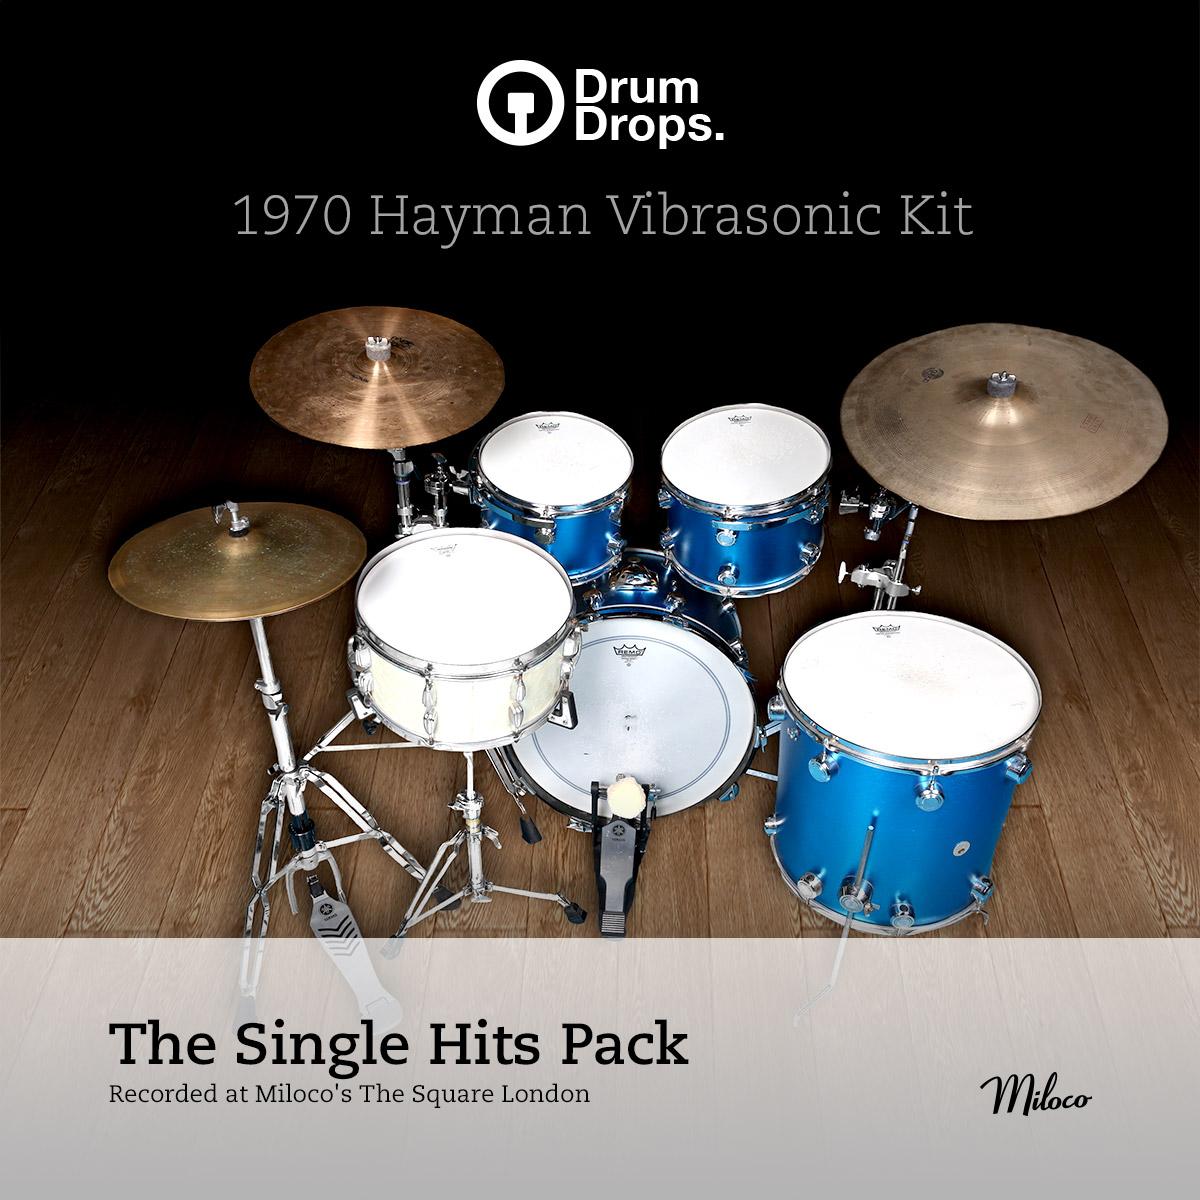 1970s Hayman Vibrasonic kit - Single Hits Pack